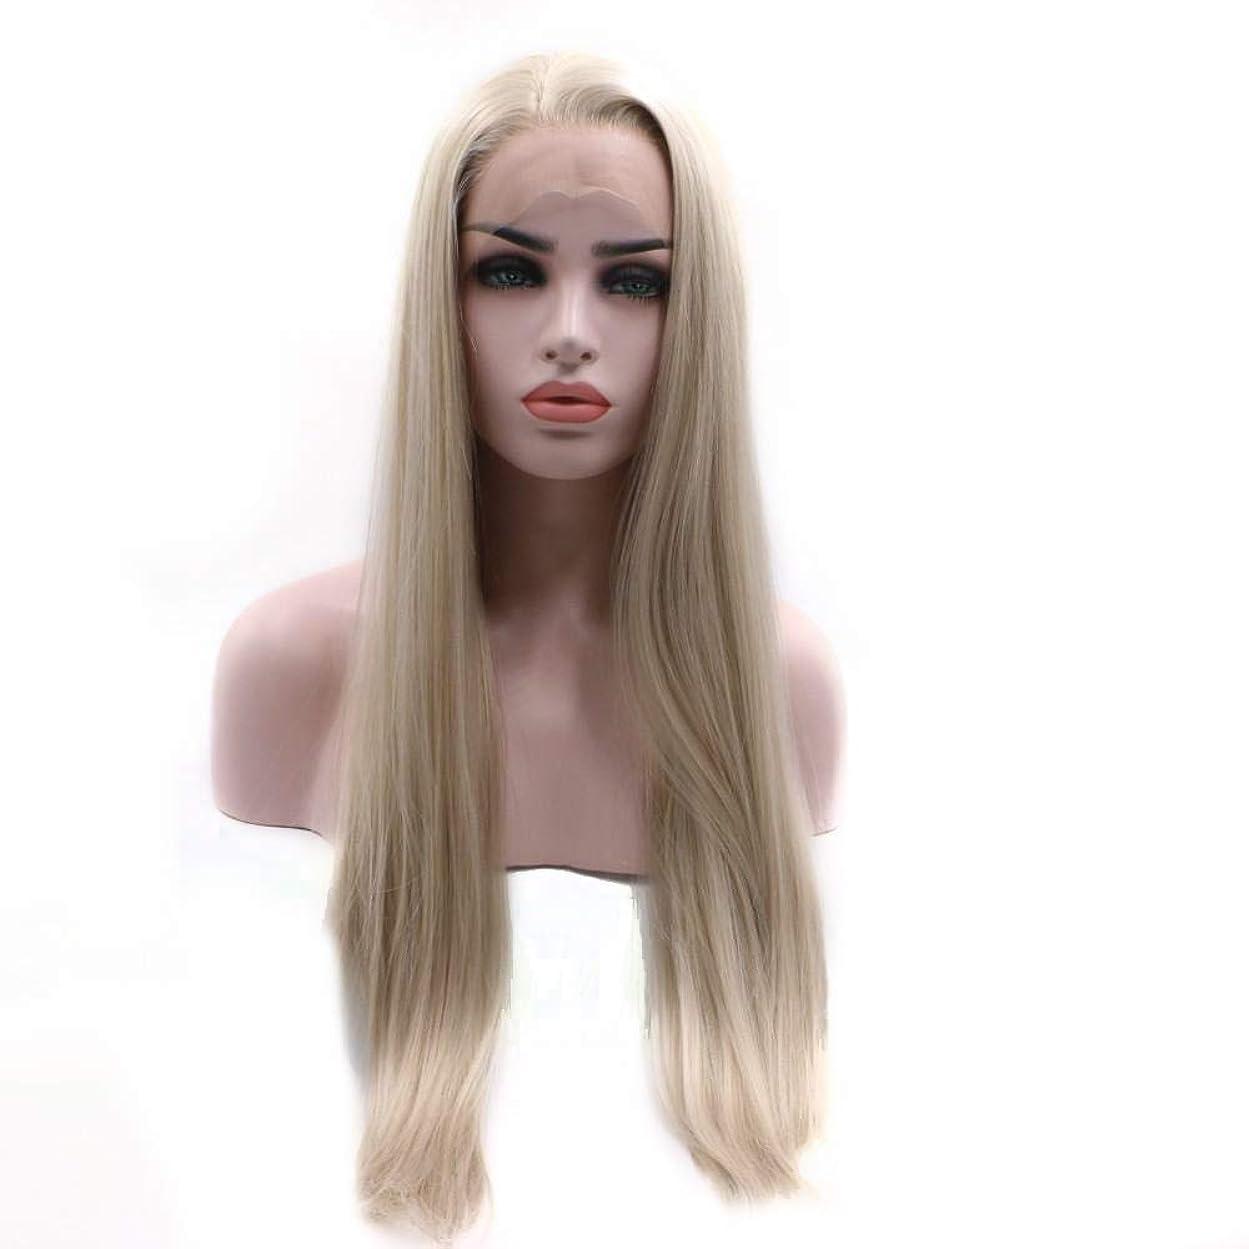 カプセル速度ブレーキBOBIDYEE ゴールドパーシャルハイストレートヘアウィッグ高温シルクウィッグヘッドギア複合ヘアレースウィッグロールプレイングウィッグ (色 : Blonde)